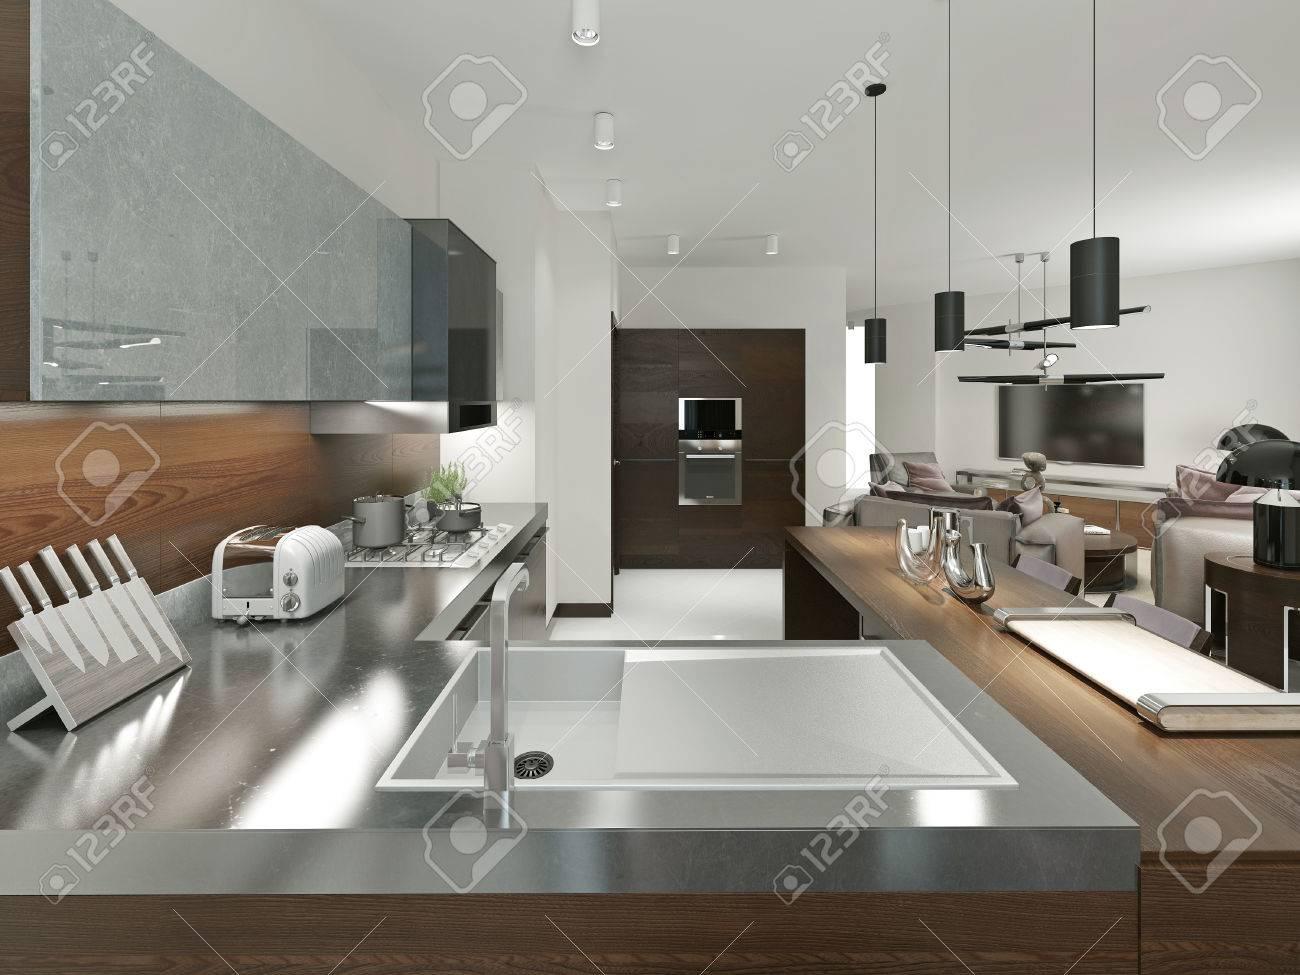 Meuble De Cuisine Bois Et Metal cuisine contemporaine avec plan de travail en métal. les meubles d'éléments  en bois et en métal. brown et gris. 3d render.